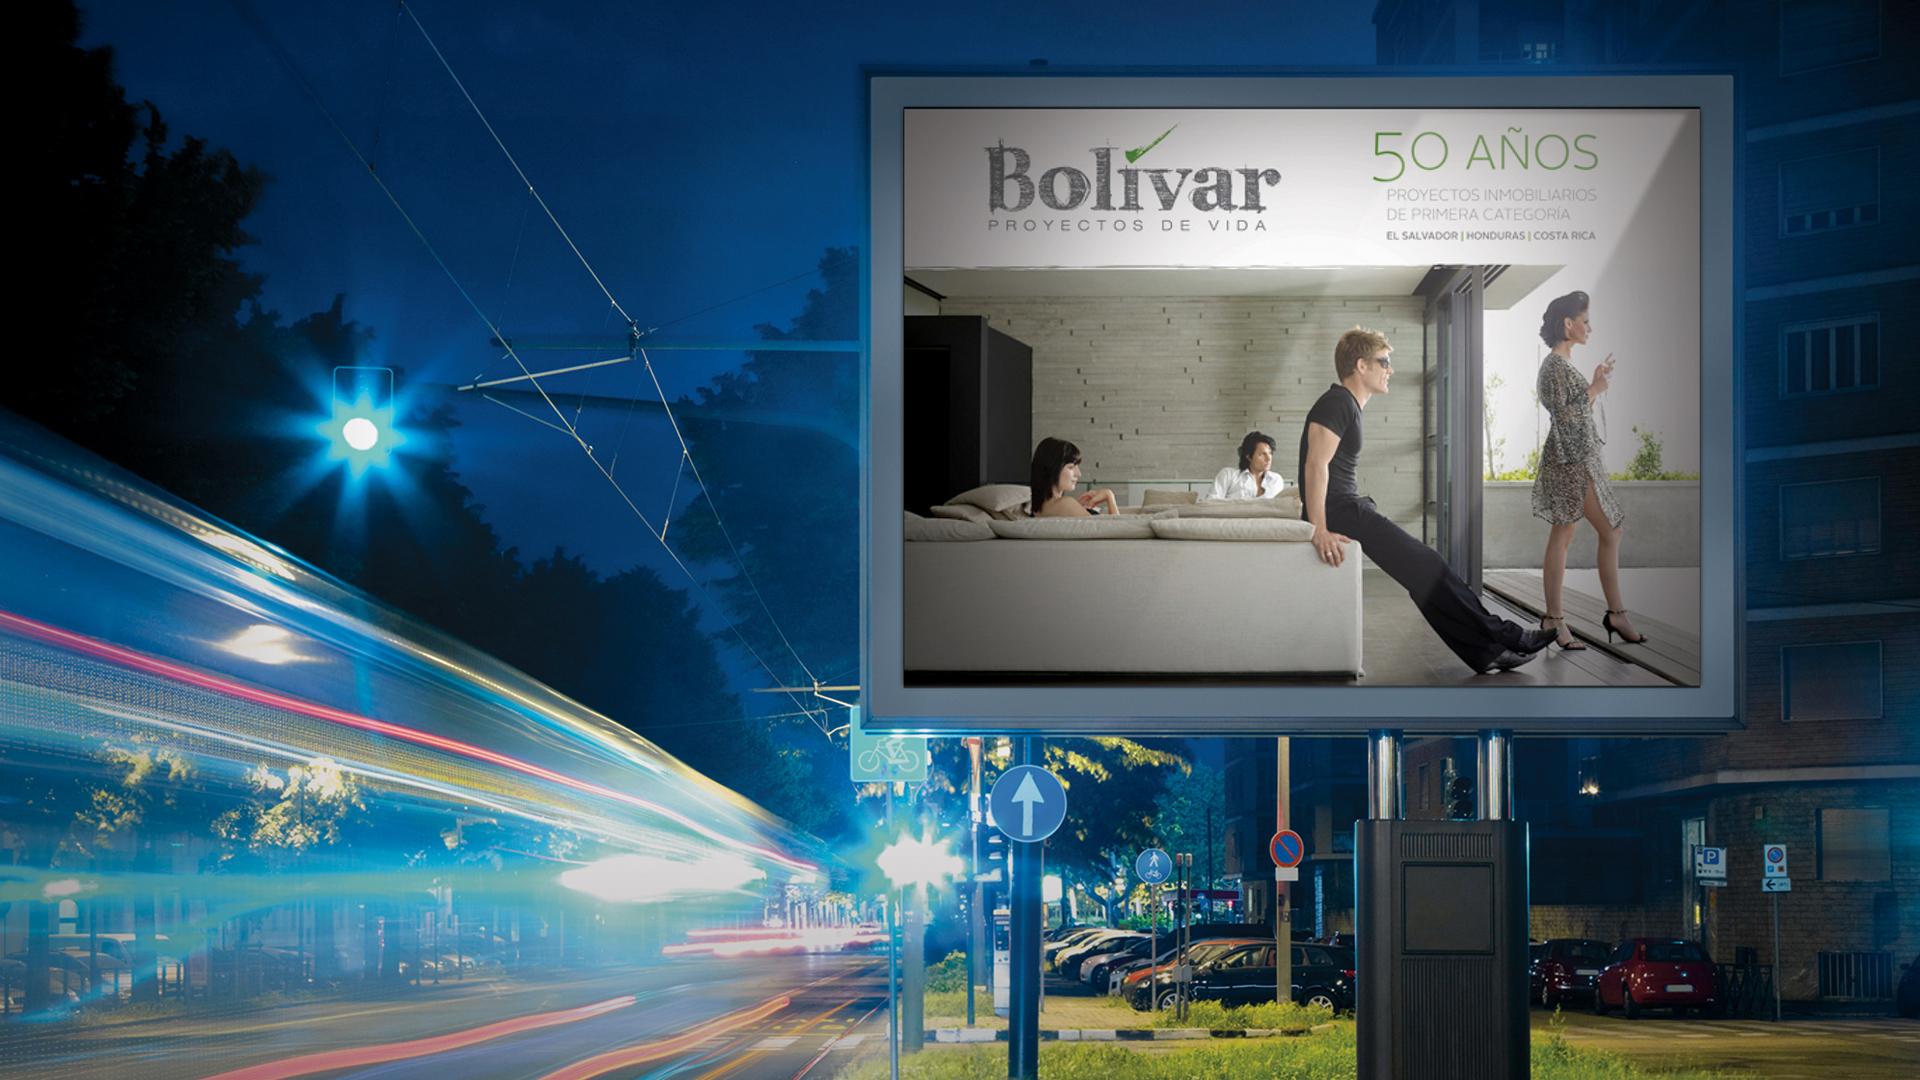 Bolivar_Montaje_3